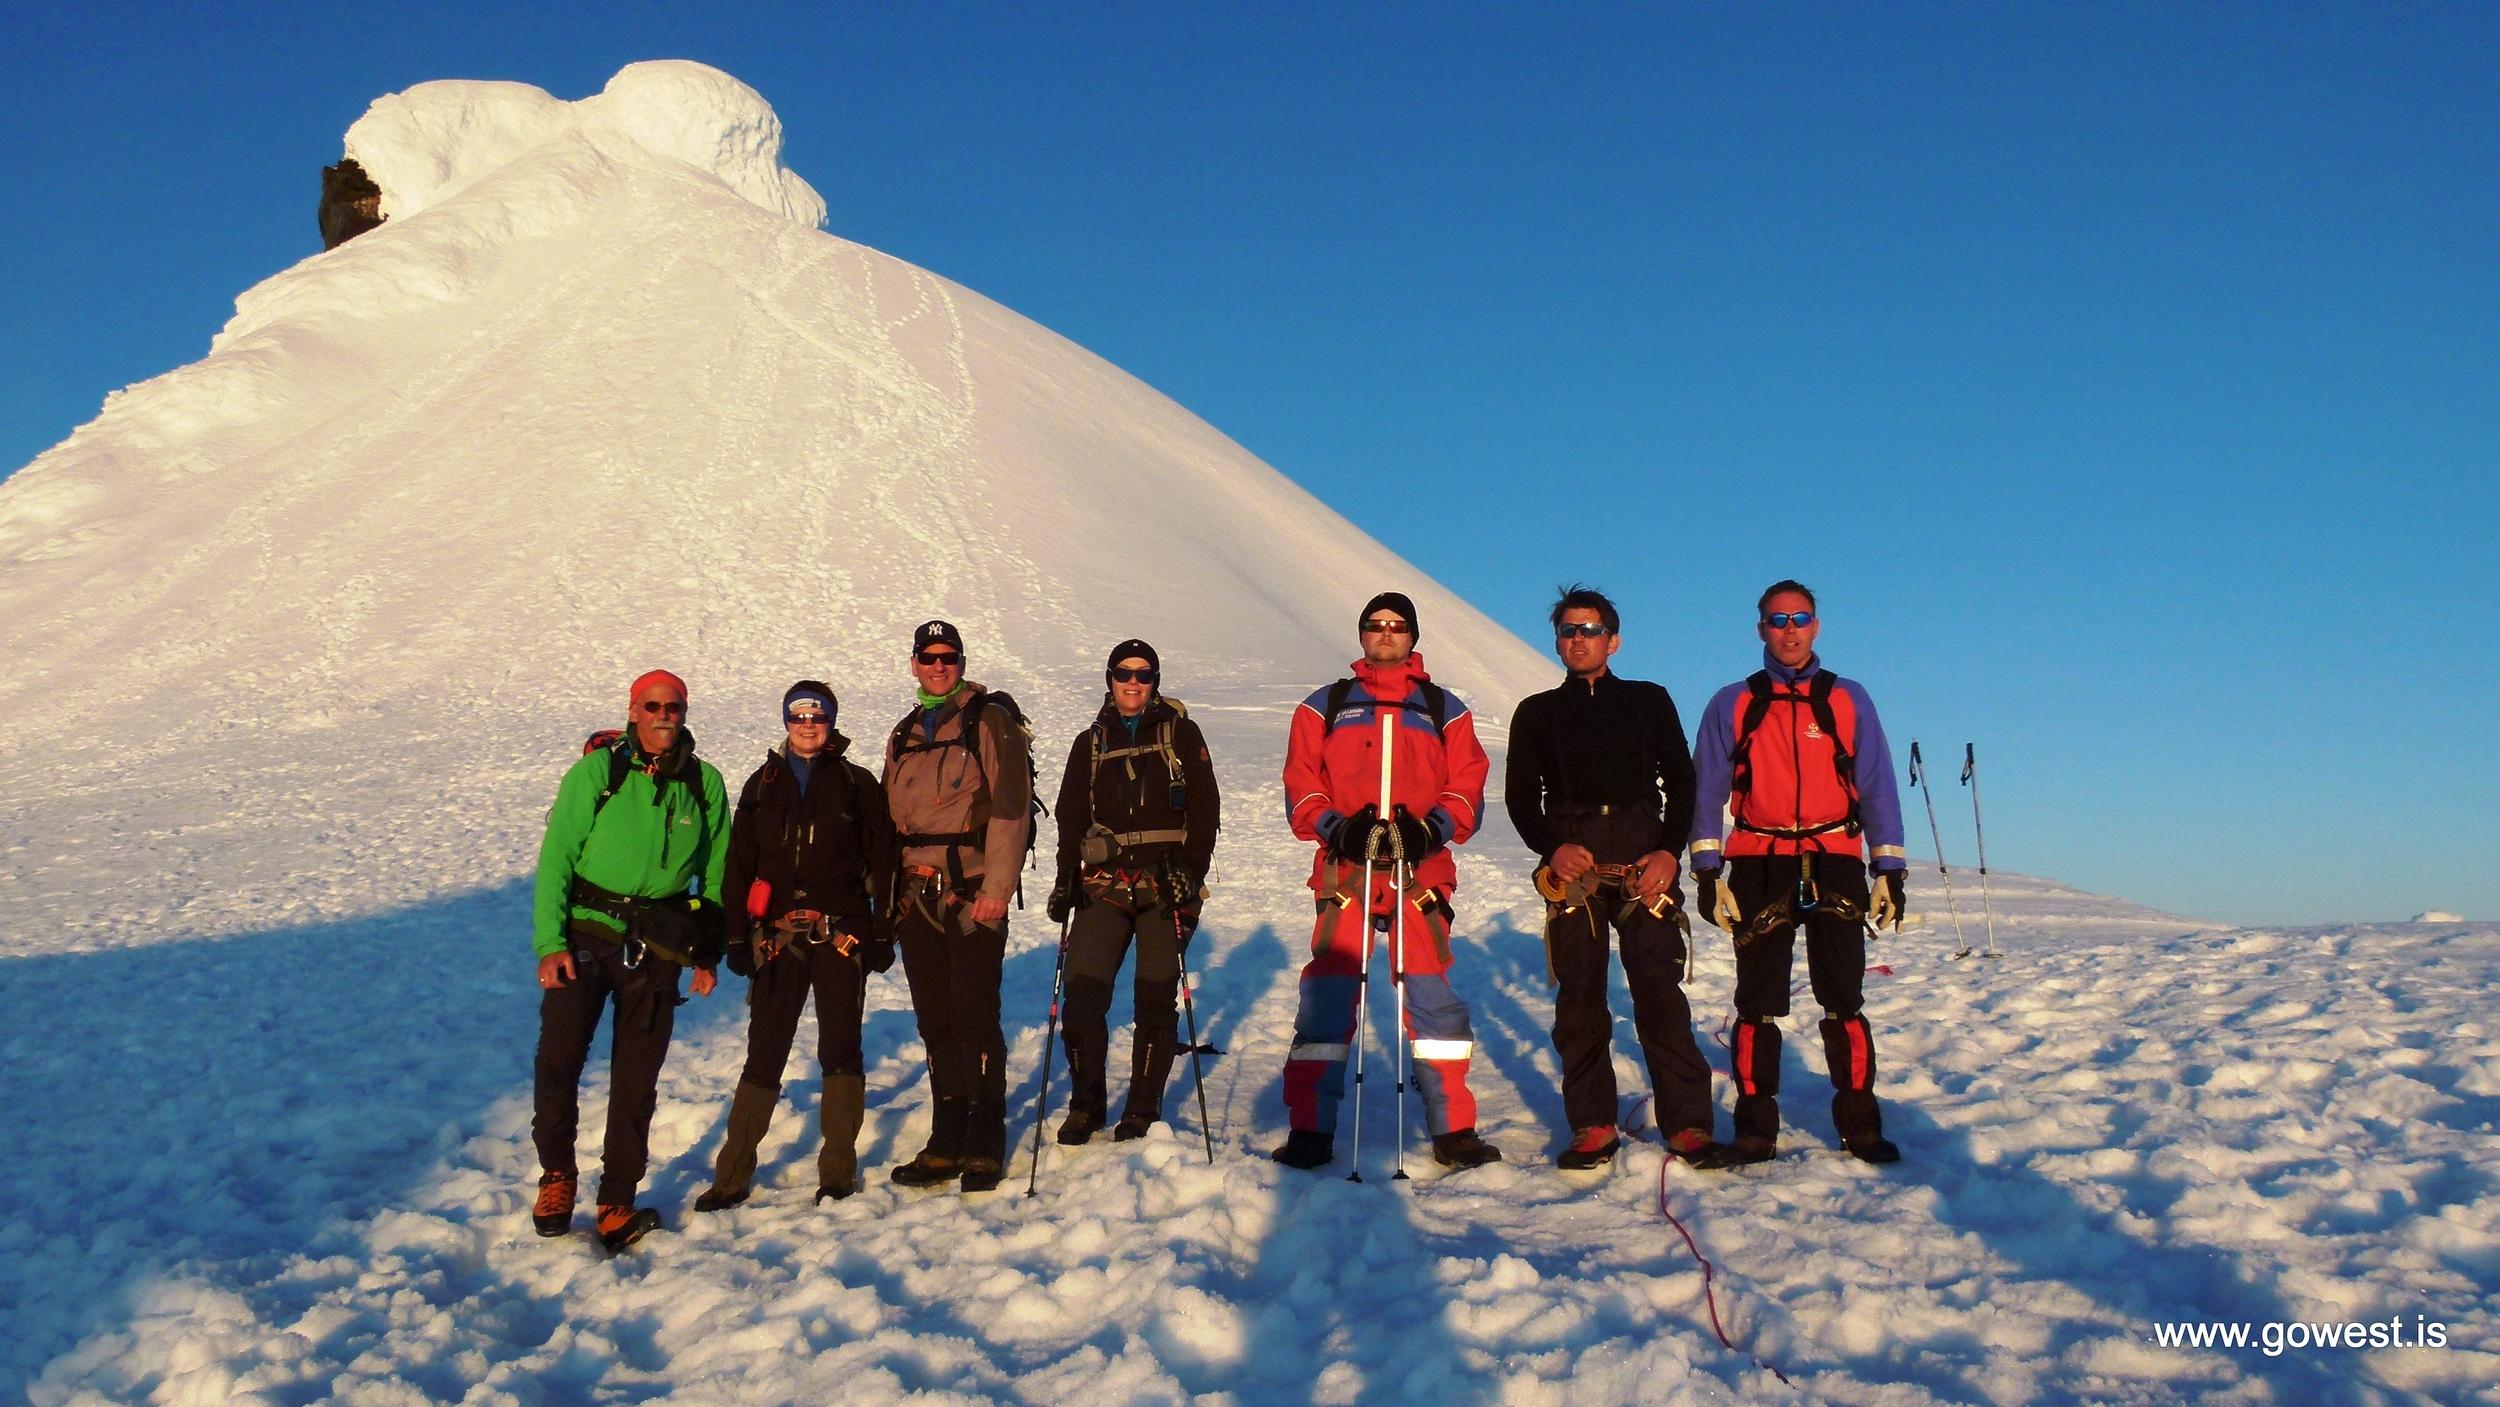 087-The Hike 2013 (63).JPG